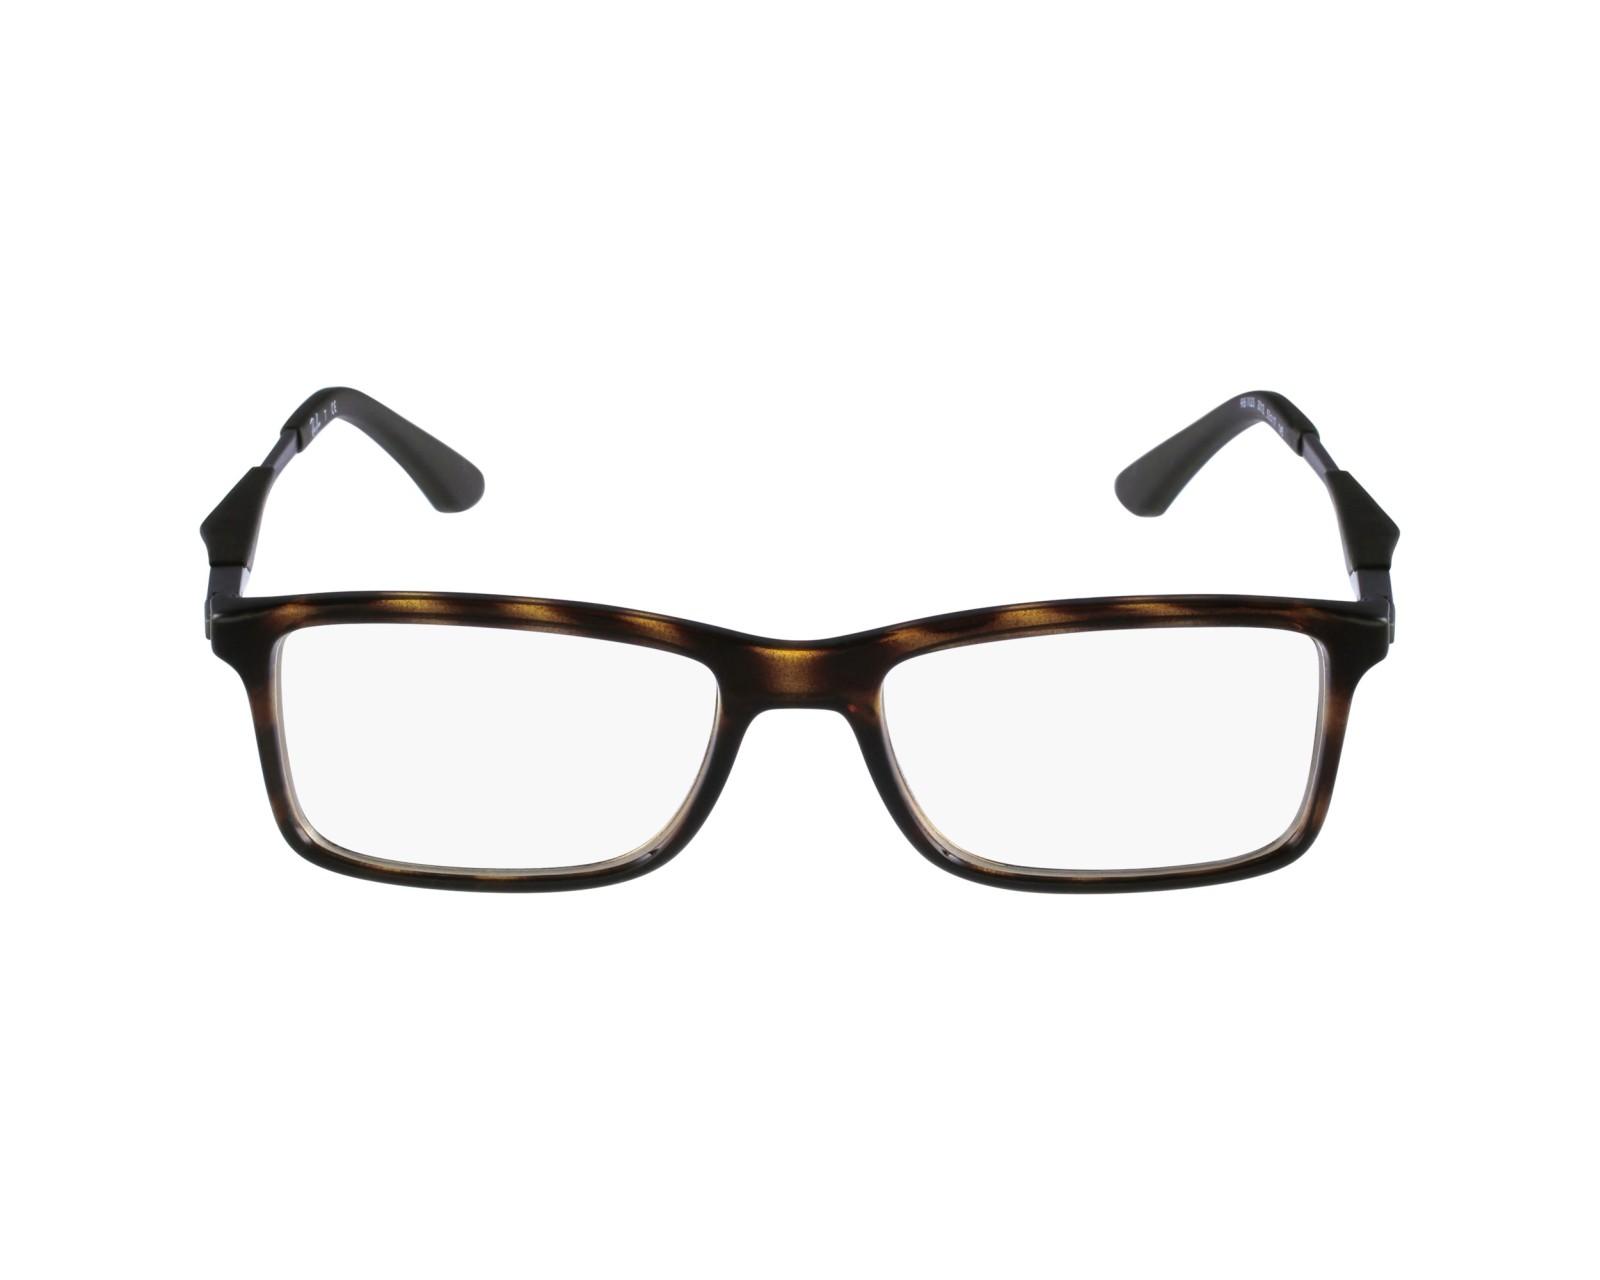 lunettes ray ban homme pas cher psychopraticienne bordeaux. Black Bedroom Furniture Sets. Home Design Ideas